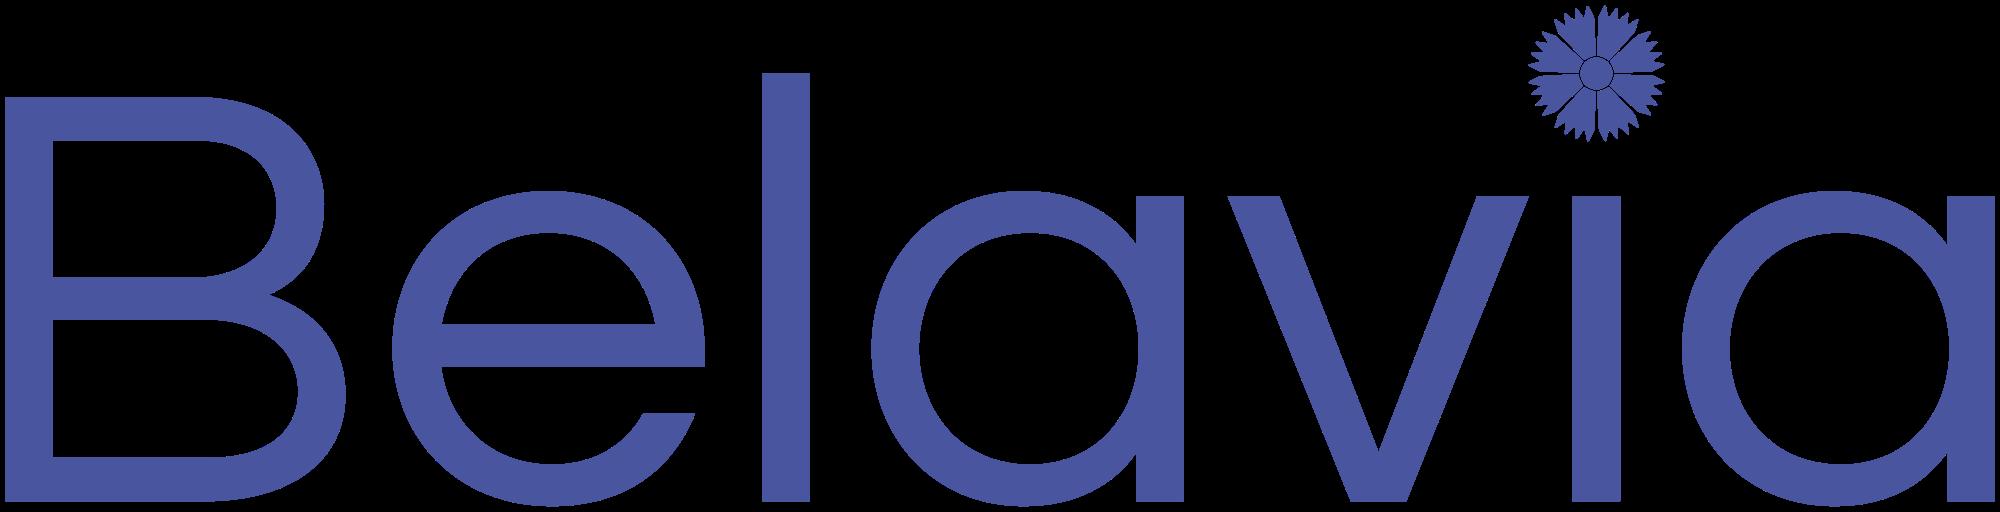 Télephone information entreprise  Belavia